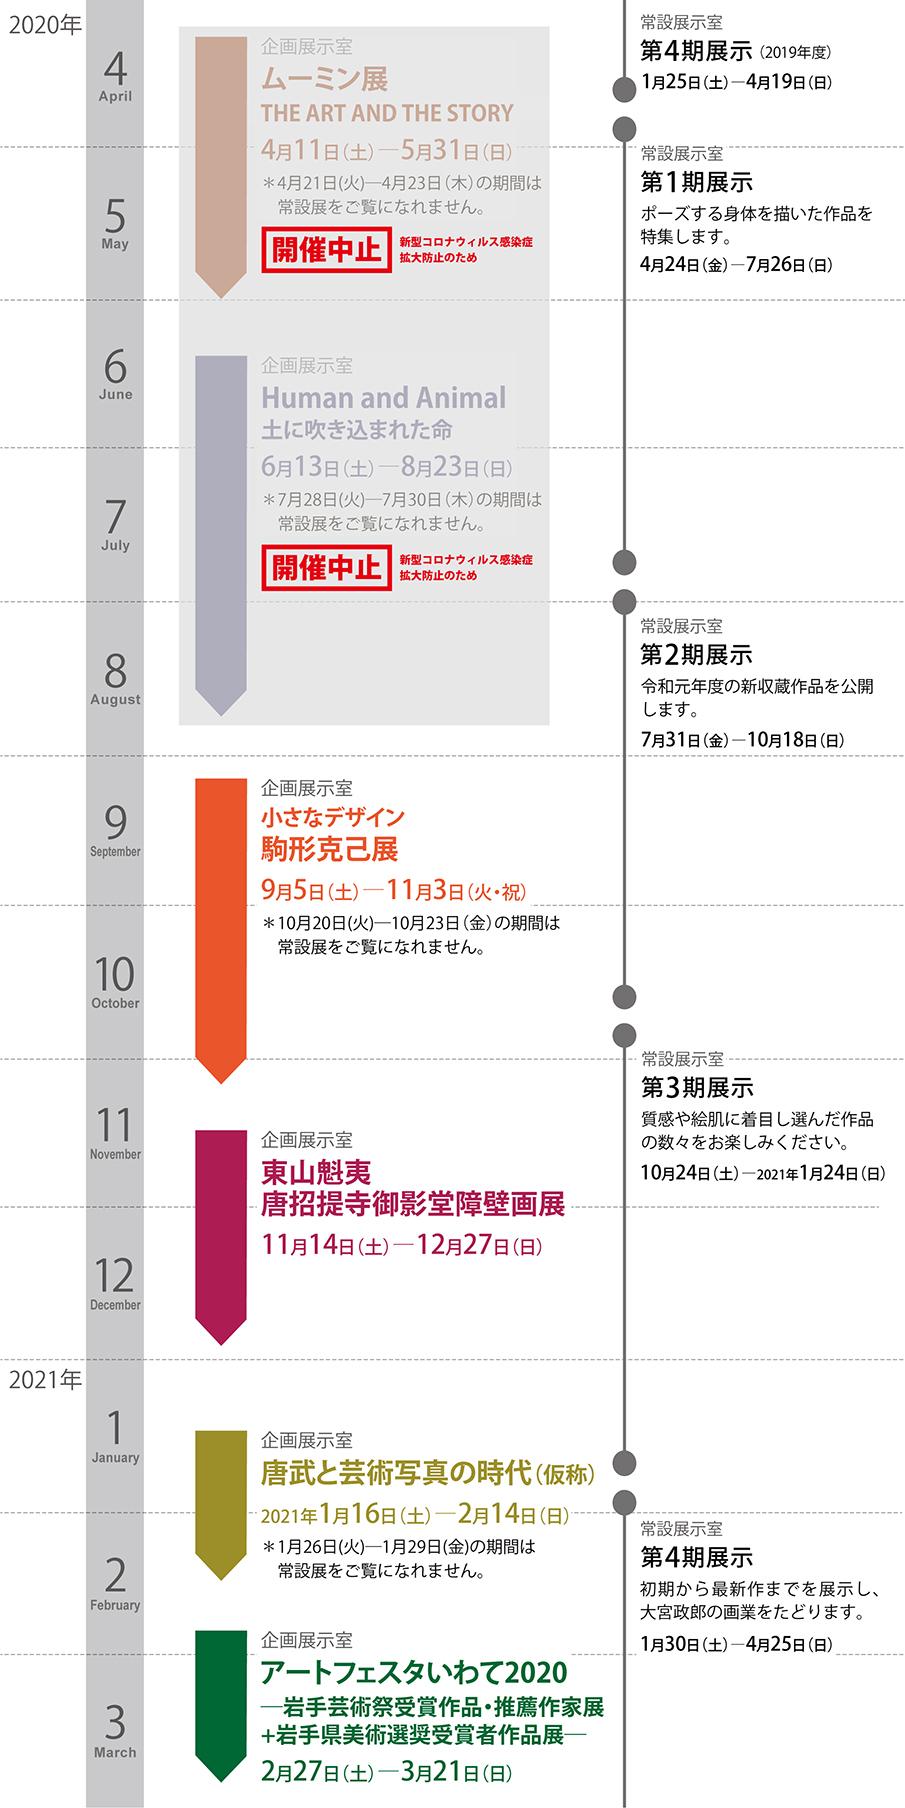 展覧会/年間スケジュール2020-2021